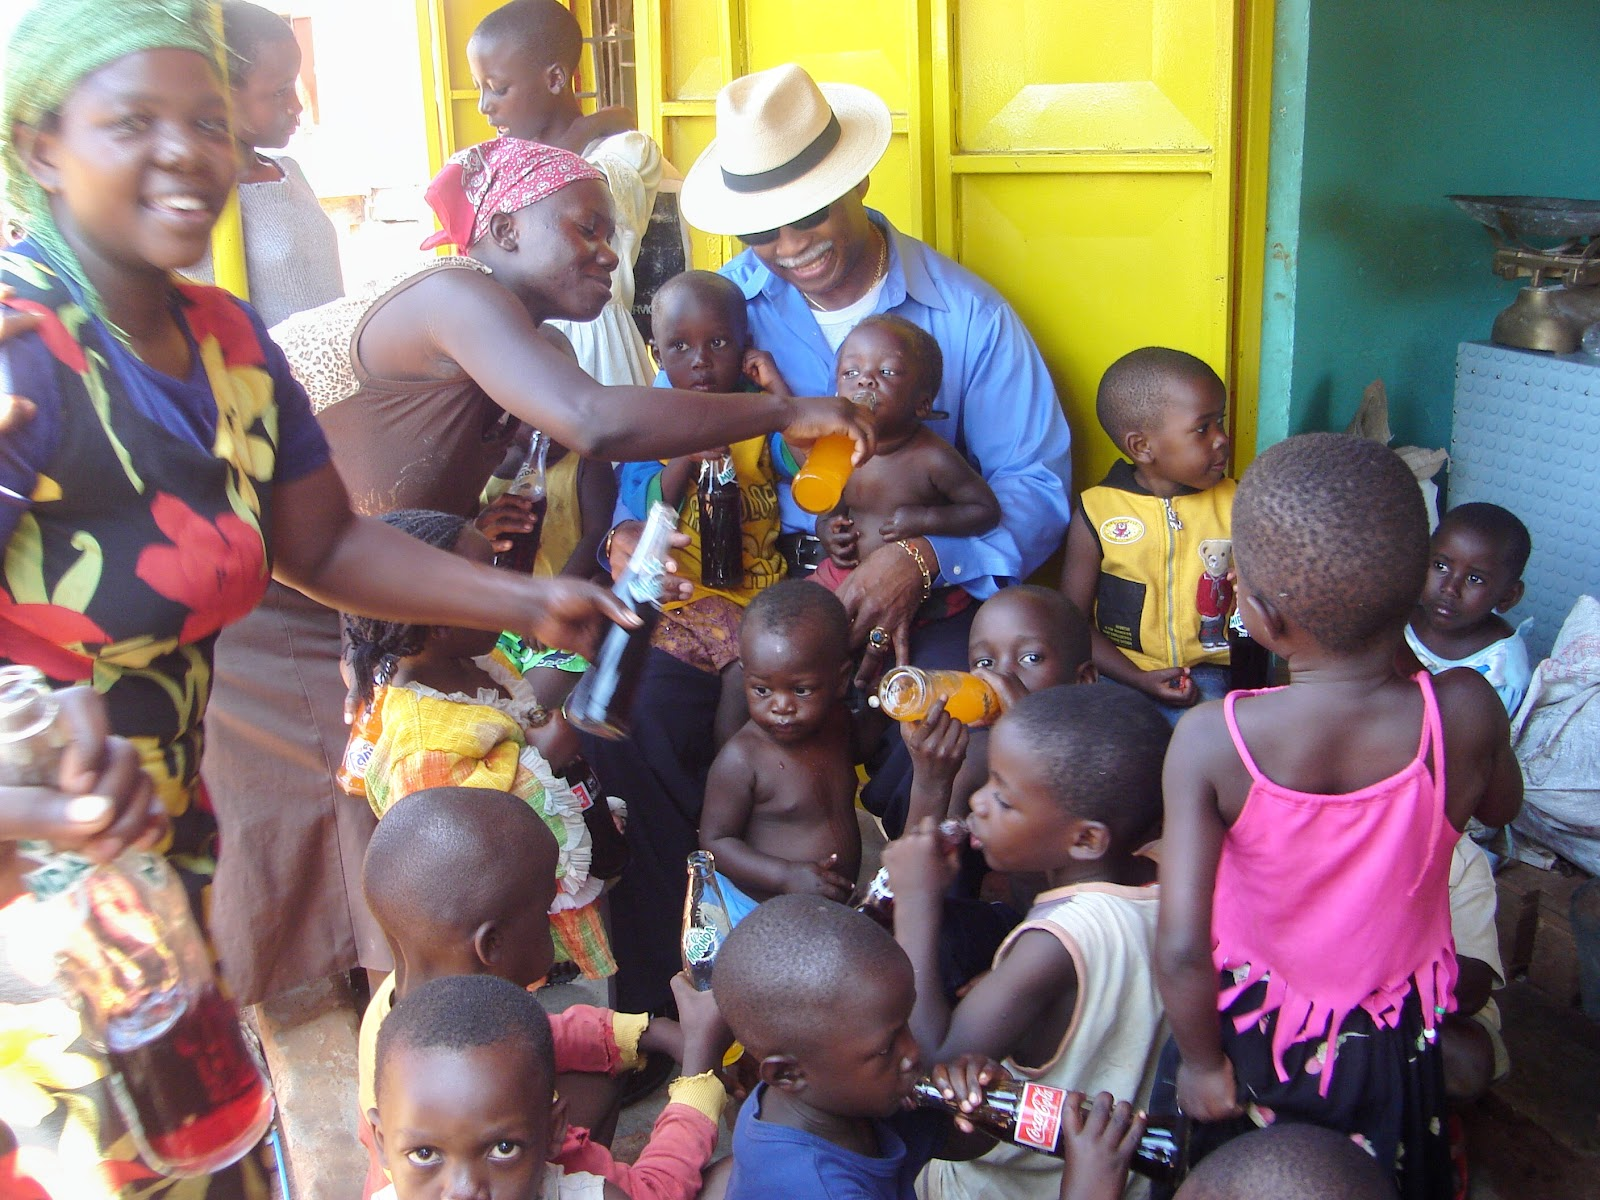 Gil Figaro in Uganda, Africa April 2008